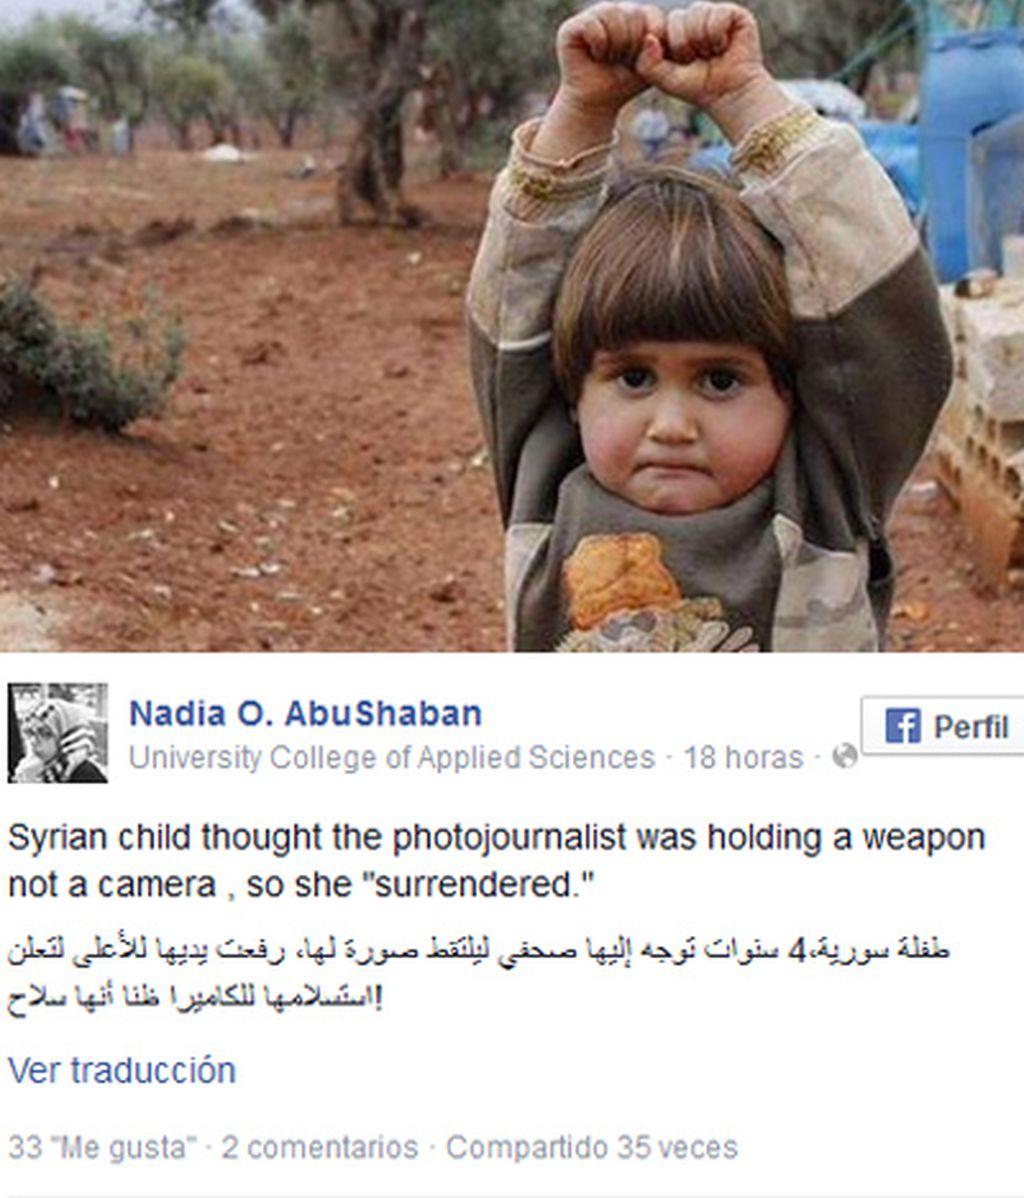 La rendición de una niña siria que pensó que la cámara era un arma